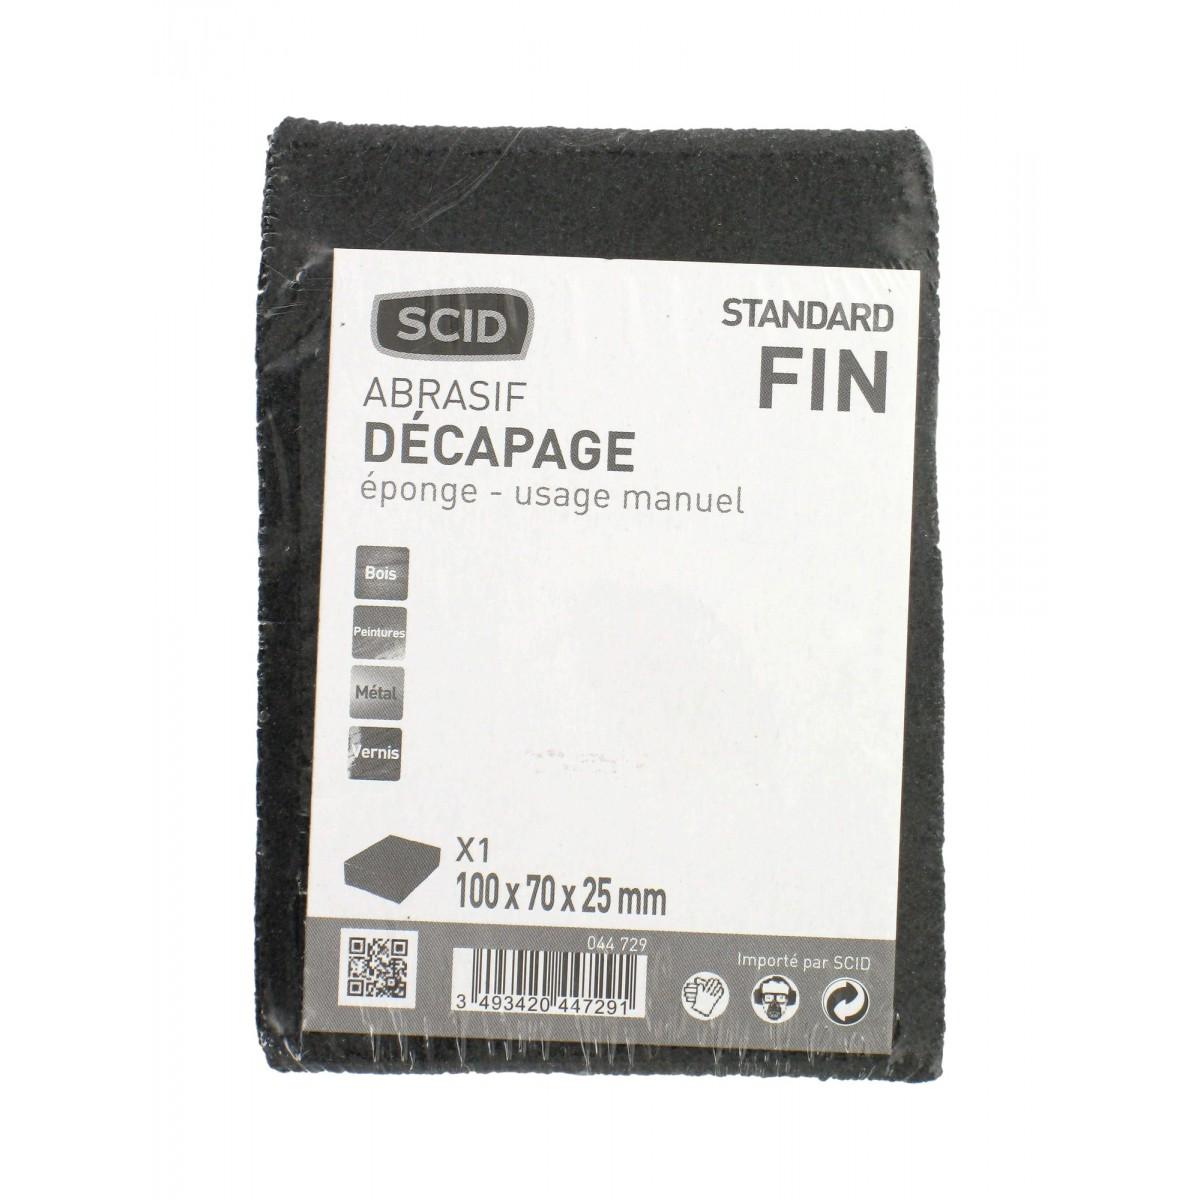 Eponge abrasive 4 faces SCID - Grain Fin - Vendu par 1